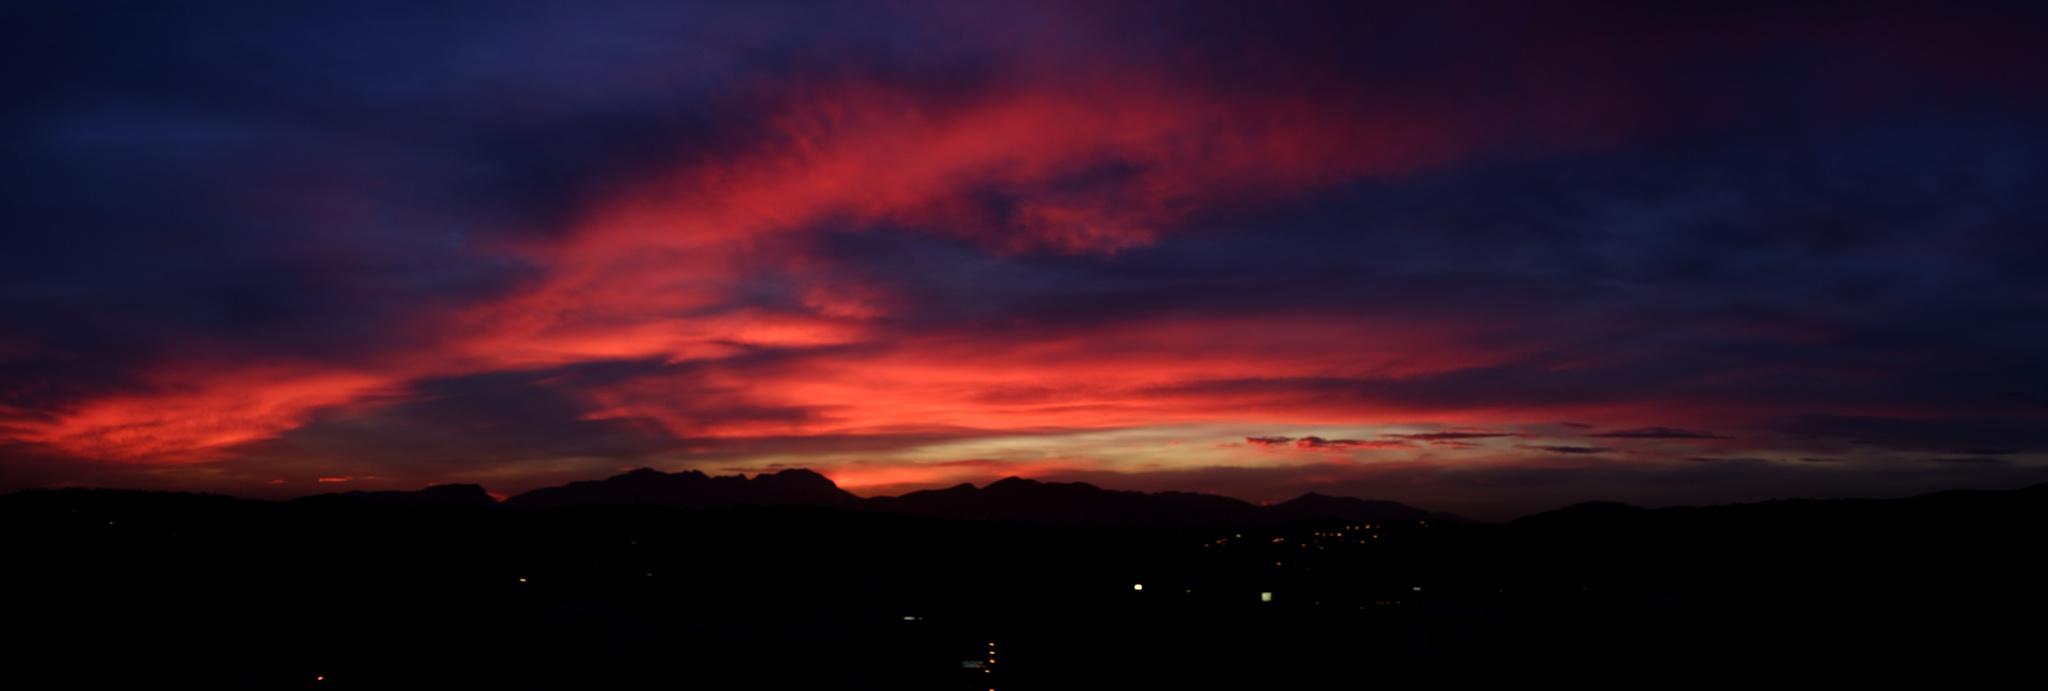 Sunset by trevor keville